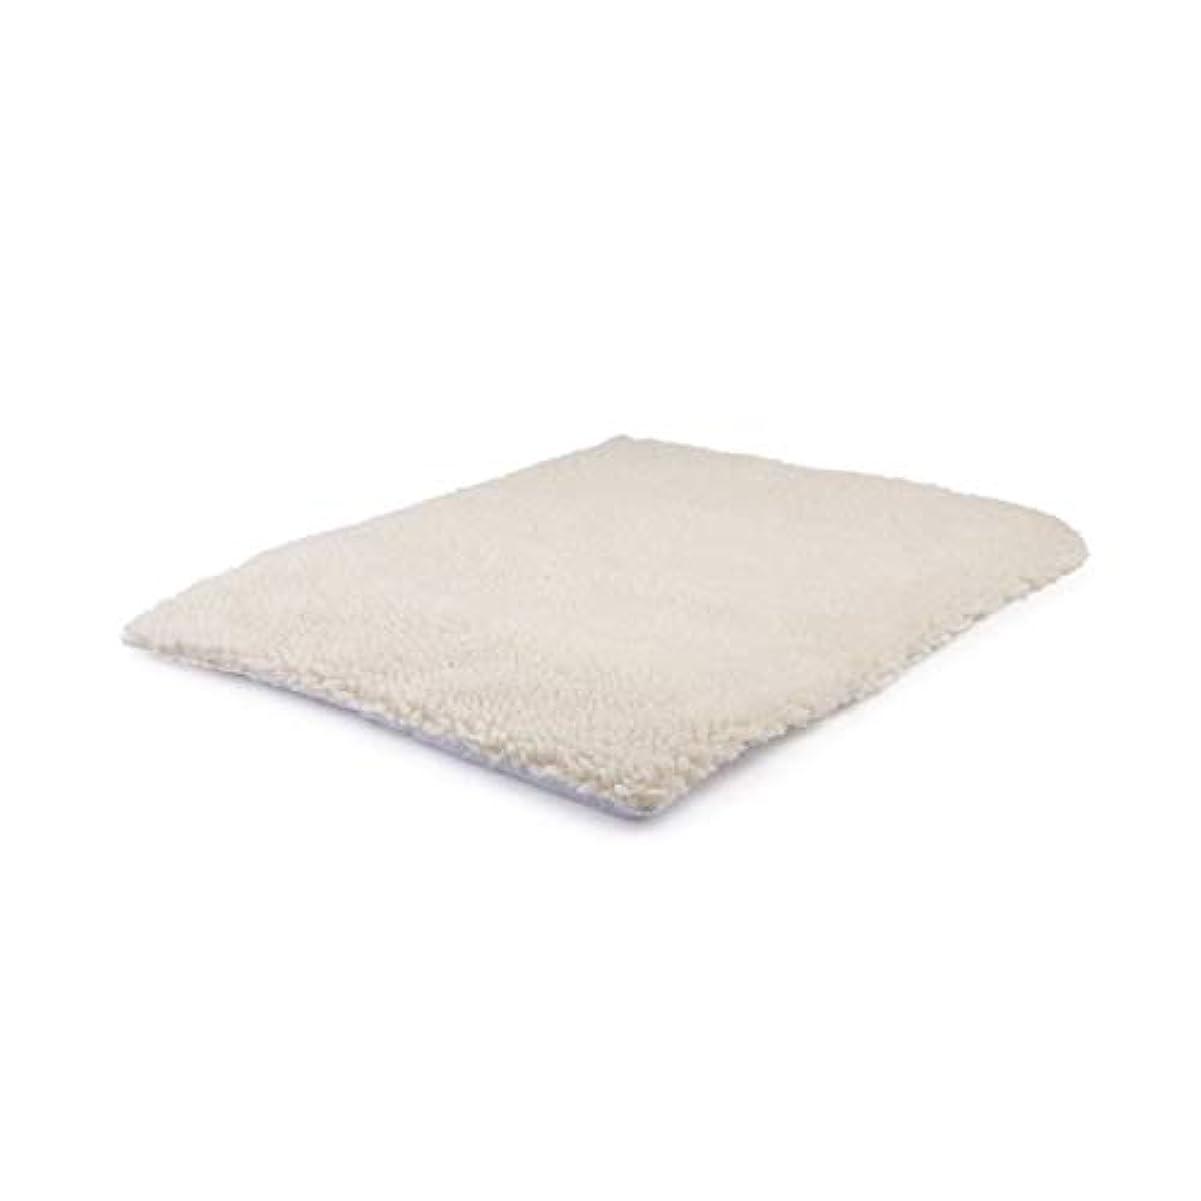 抑圧する些細祝福するSaikogoods 自己発熱ペット毛布 ペットベッド ウォッシャブル ノーエレクトリック スーパーソフト 子犬子猫毛布 ベッドマット ベージュ 640×460mm